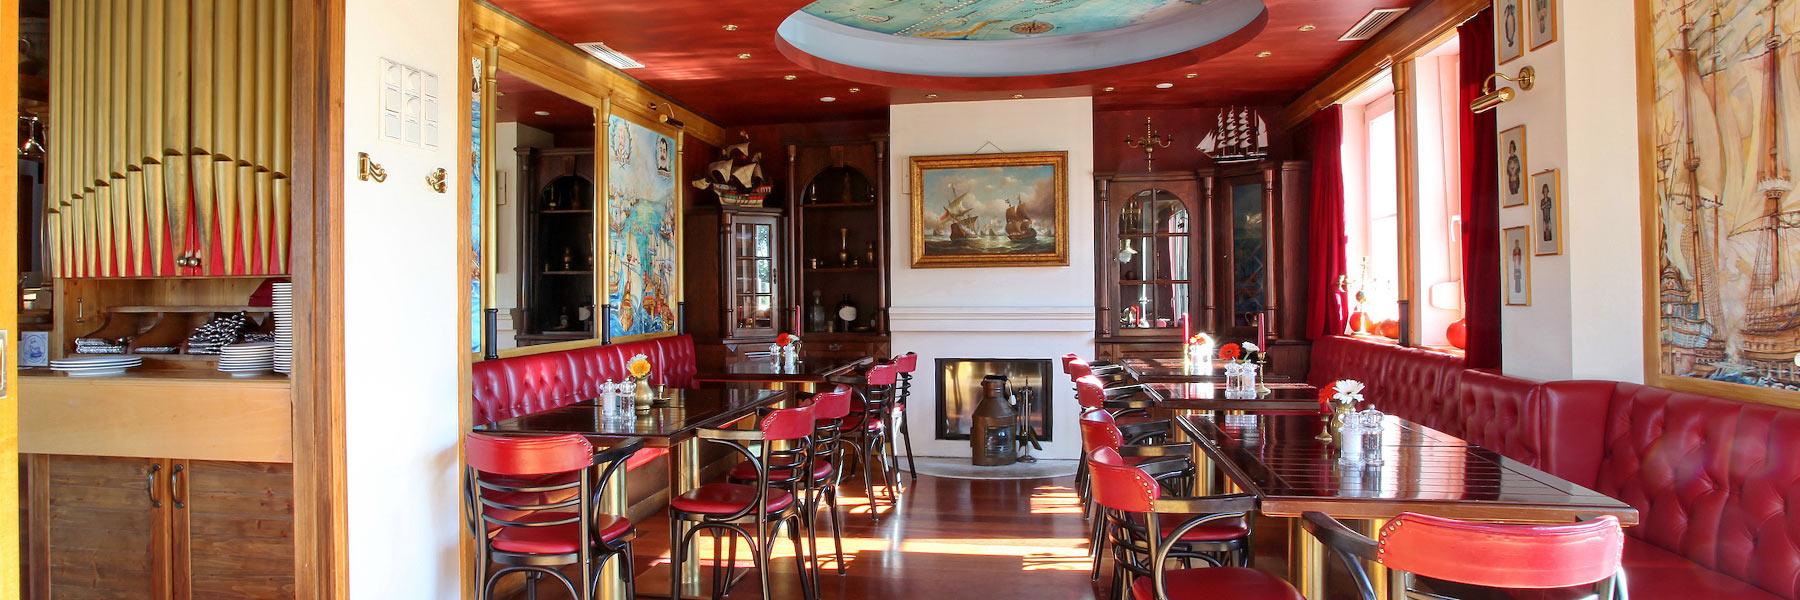 Restaurant - Strandhotel Deichgraf Graal-Müritz